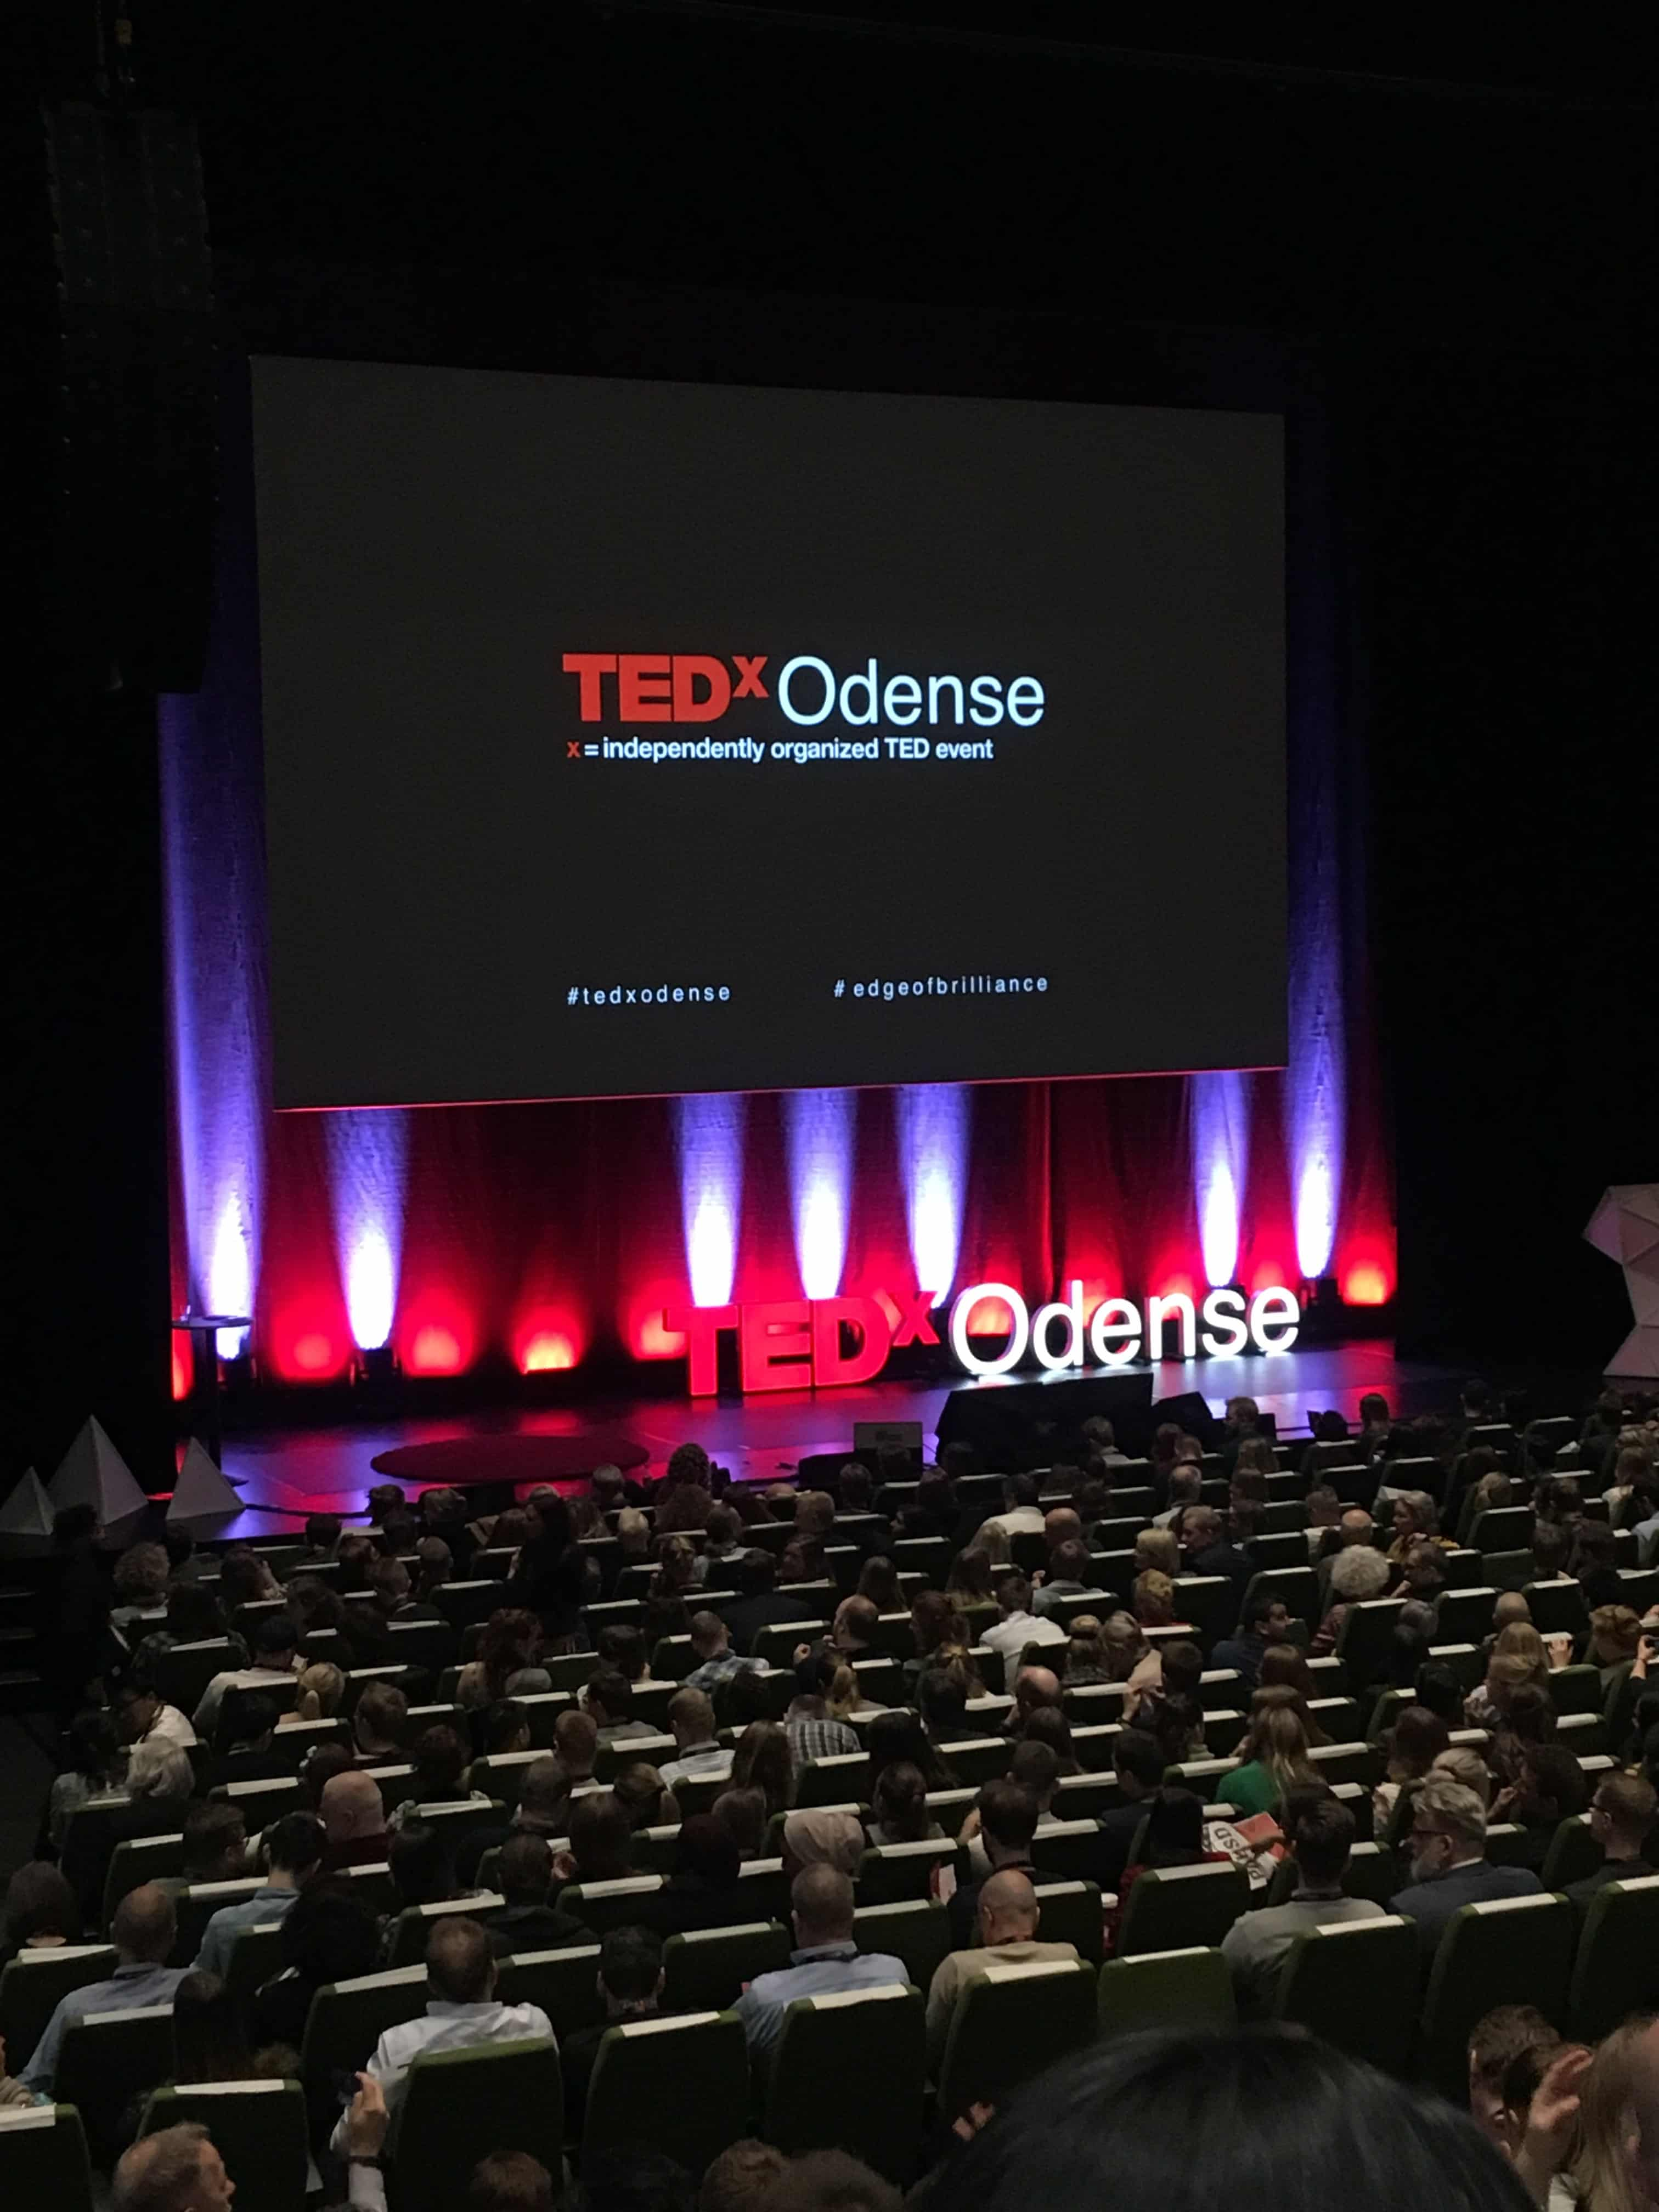 Så er vi ved at være klar til take off på TEDx Odense